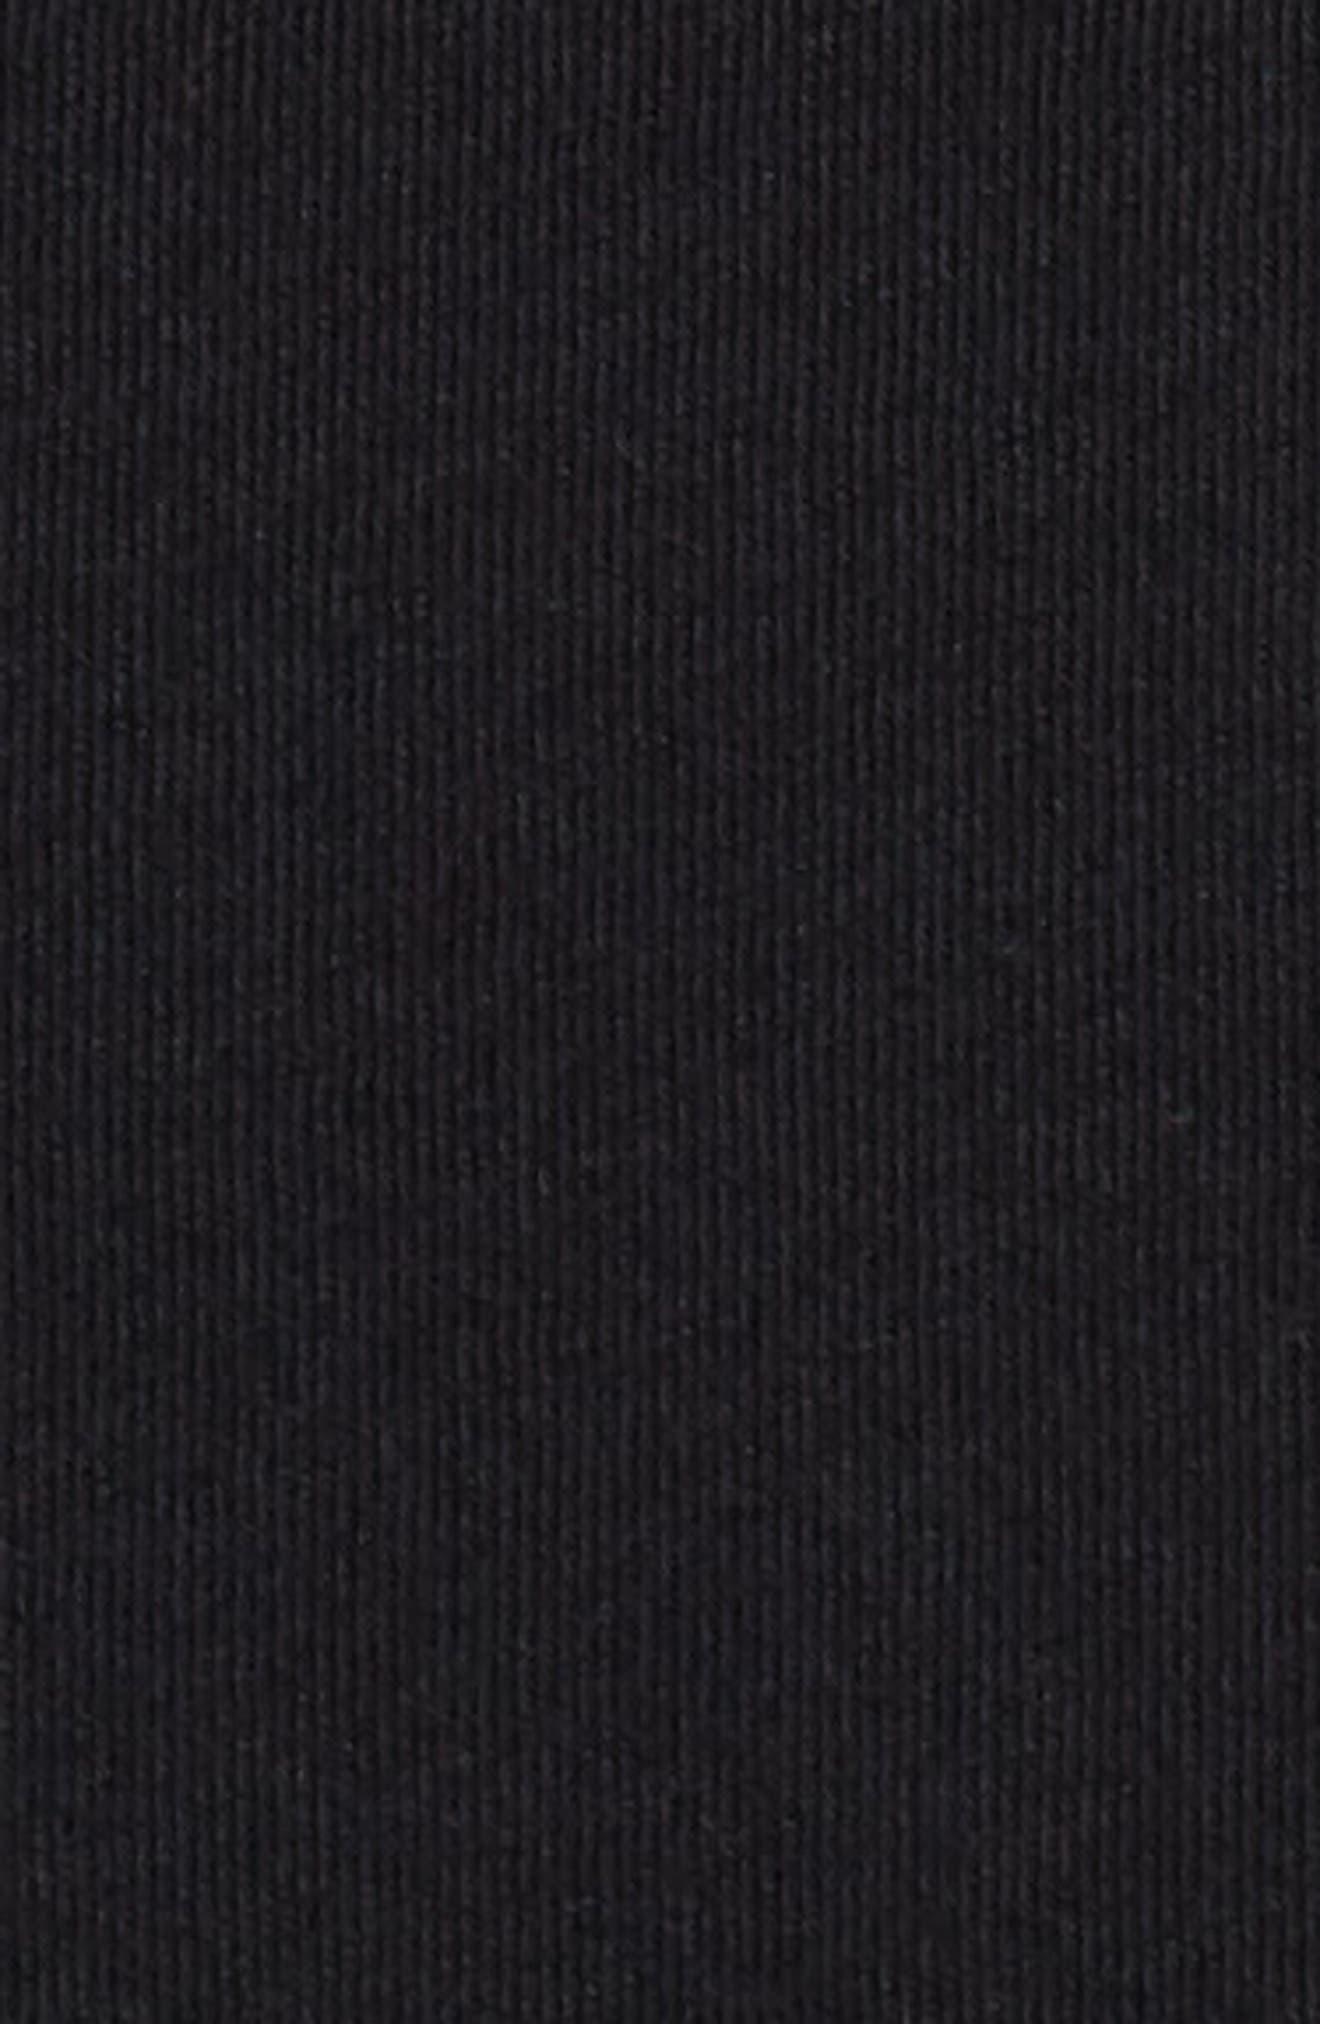 T-Just-SE T-Shirt,                             Alternate thumbnail 5, color,                             Black